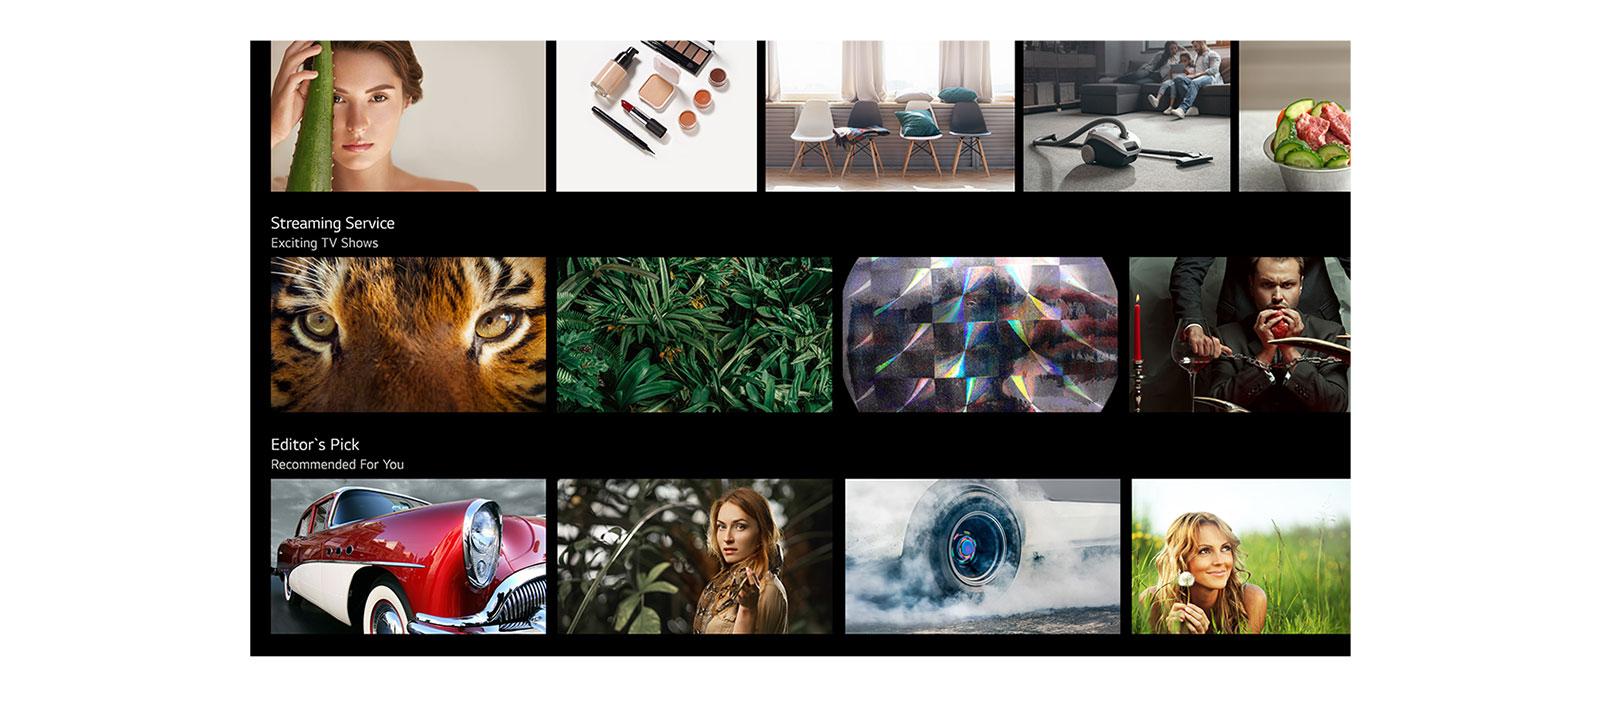 Màn hình TV hiển thị các nội dung khác nhau do LG ThinQ AI đề xuất. (phát video)